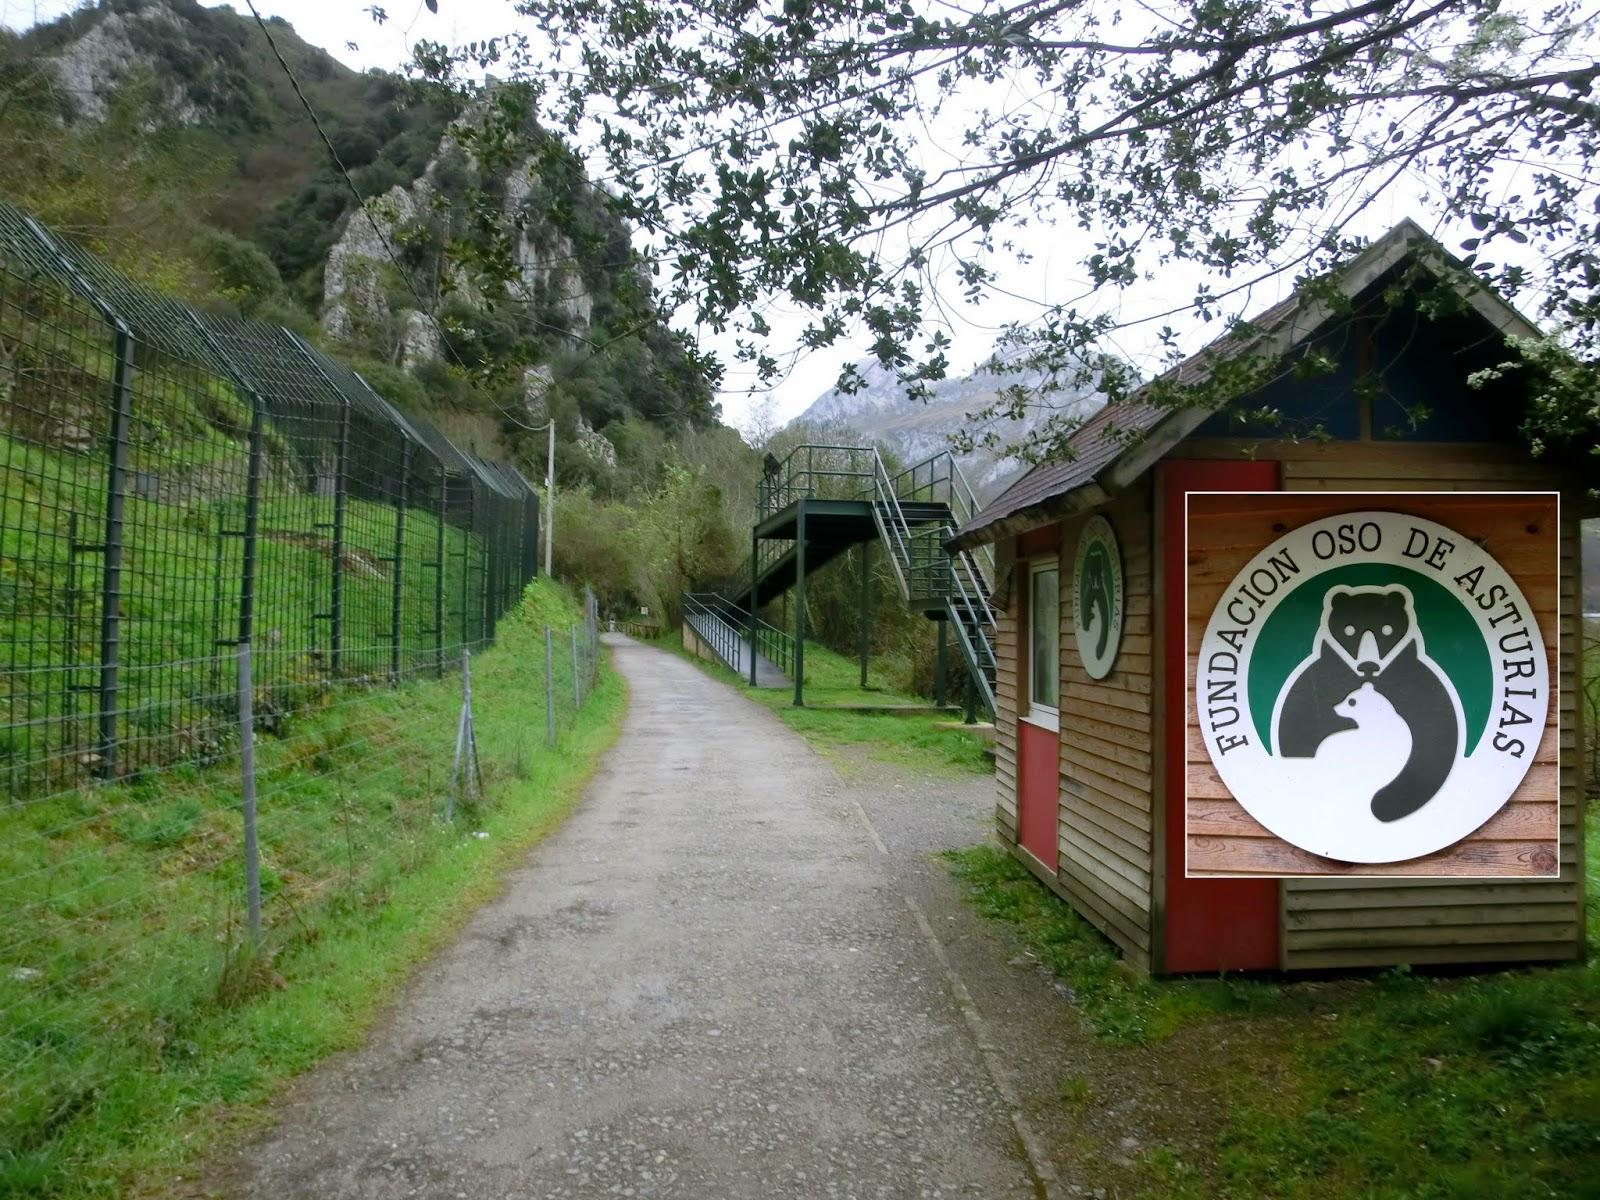 Pindio, pindio: Senda del Oso (Tuñón-Entrago-Cueva Huerta)